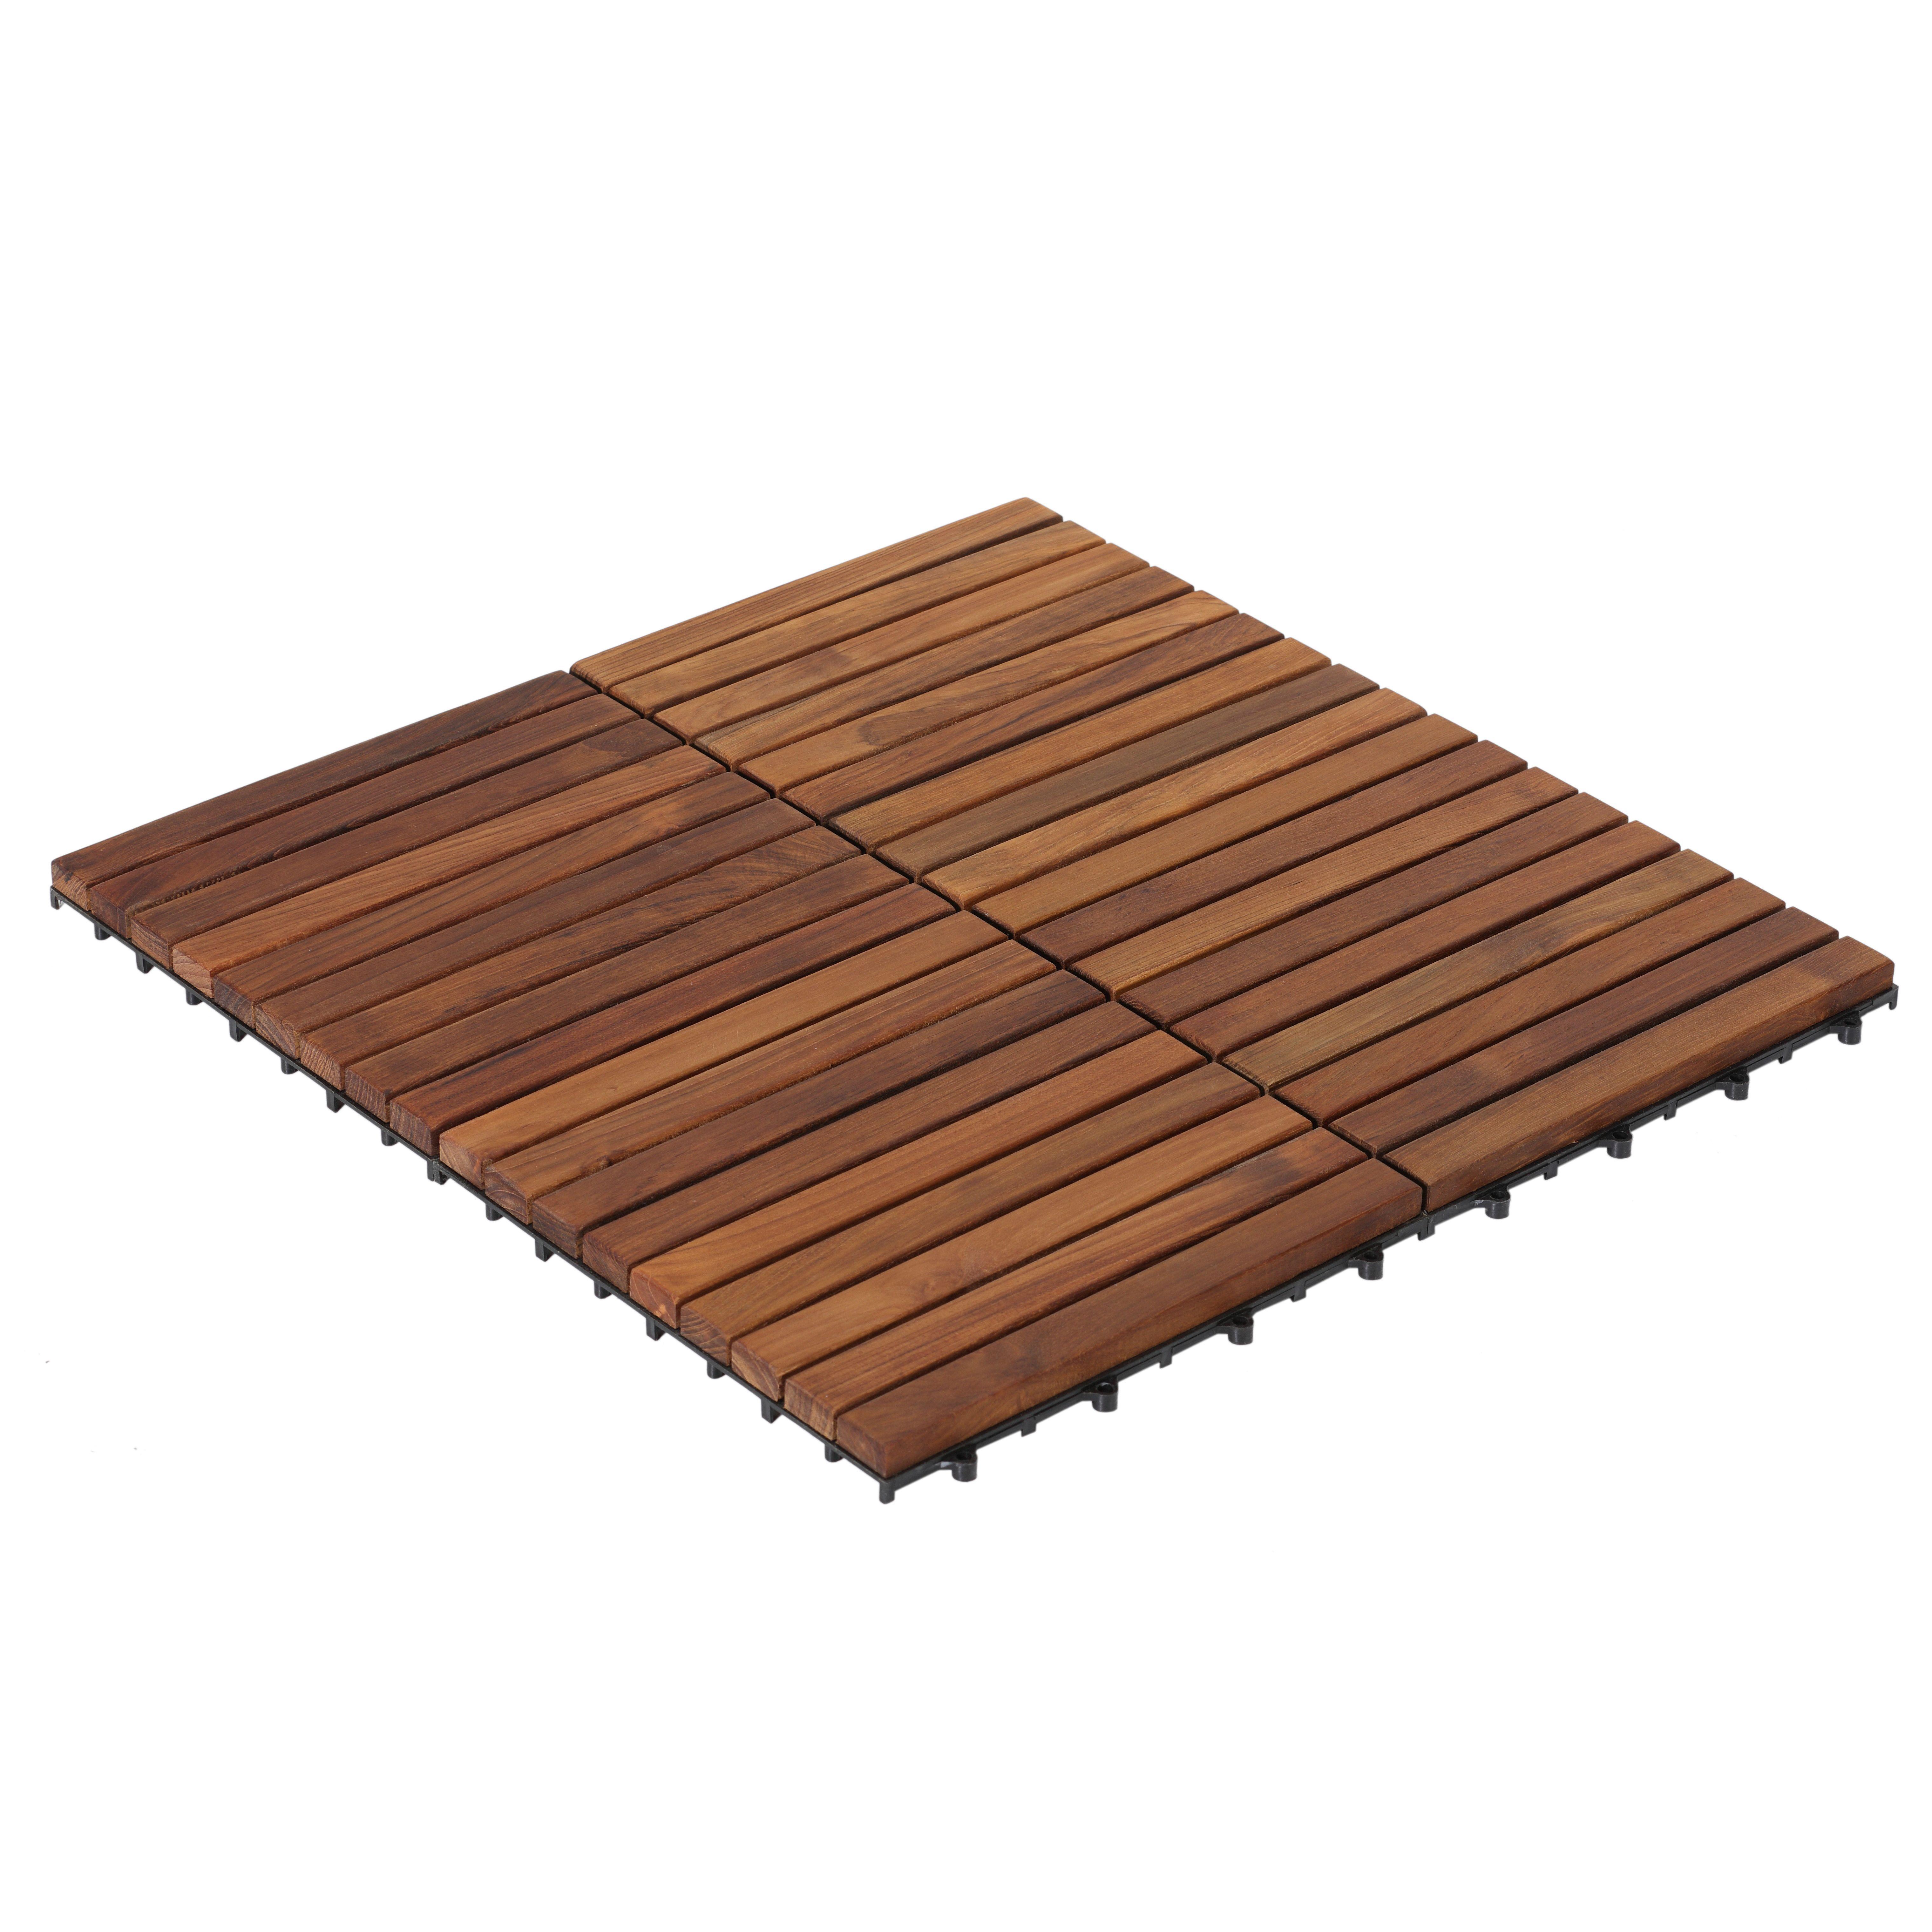 Ez Floor 12 X 12 Teak Wood Snap In Deck Tiles In Oiled Deck